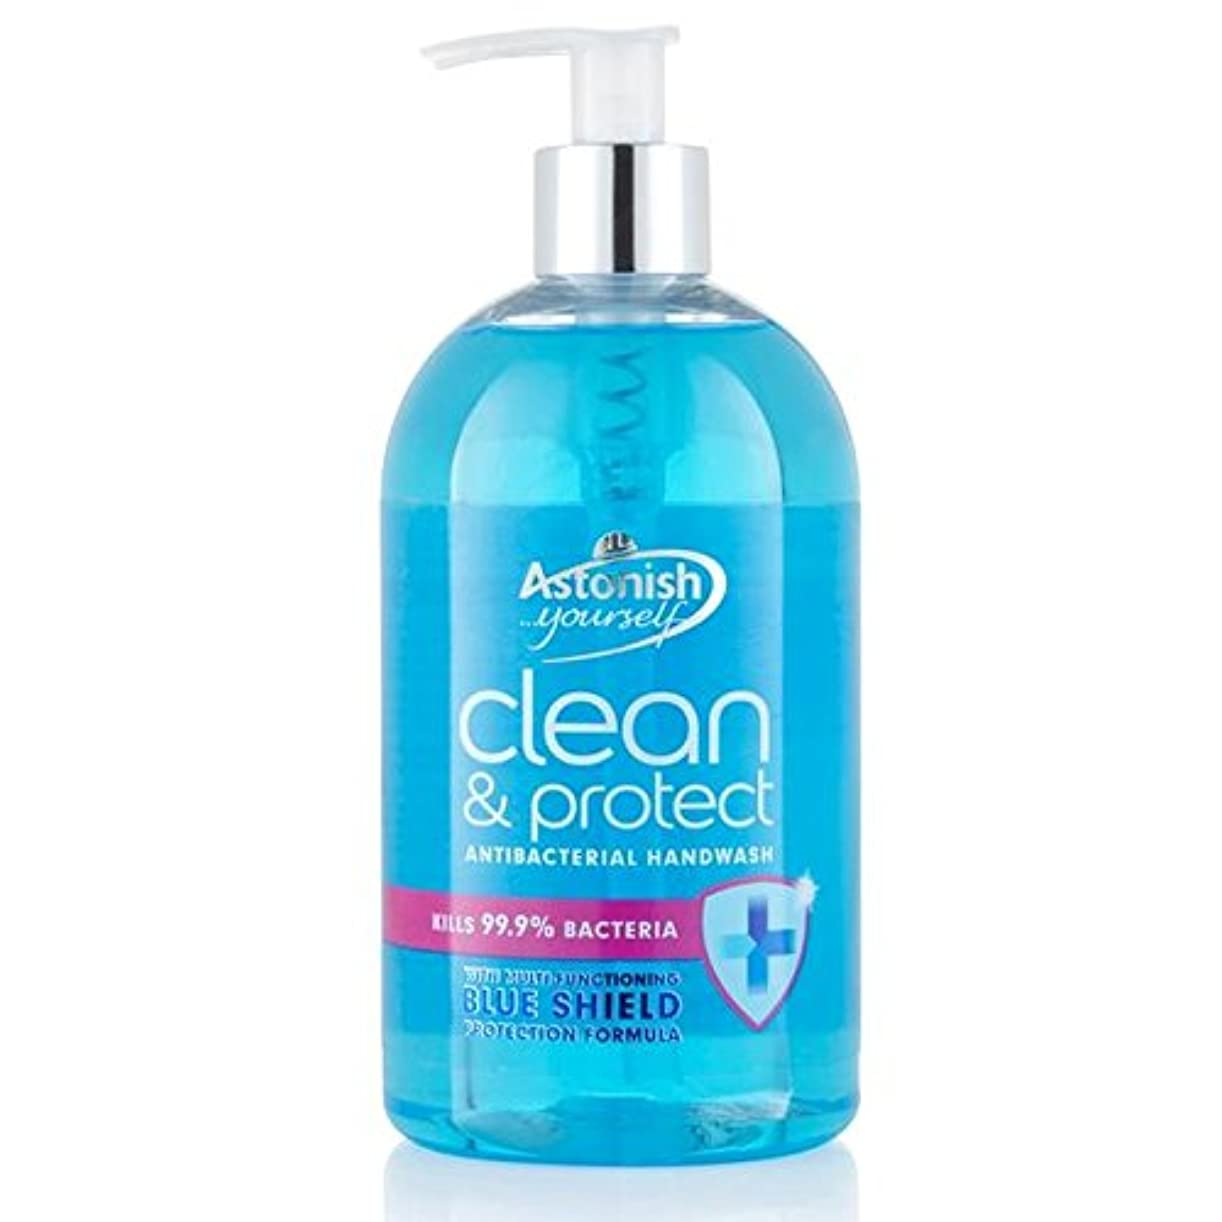 ポルティコ故障内向きクリーン驚か&ハンドウォッシュ500ミリリットルを保護 x2 - Astonish Clean & Protect Hand Wash 500ml (Pack of 2) [並行輸入品]